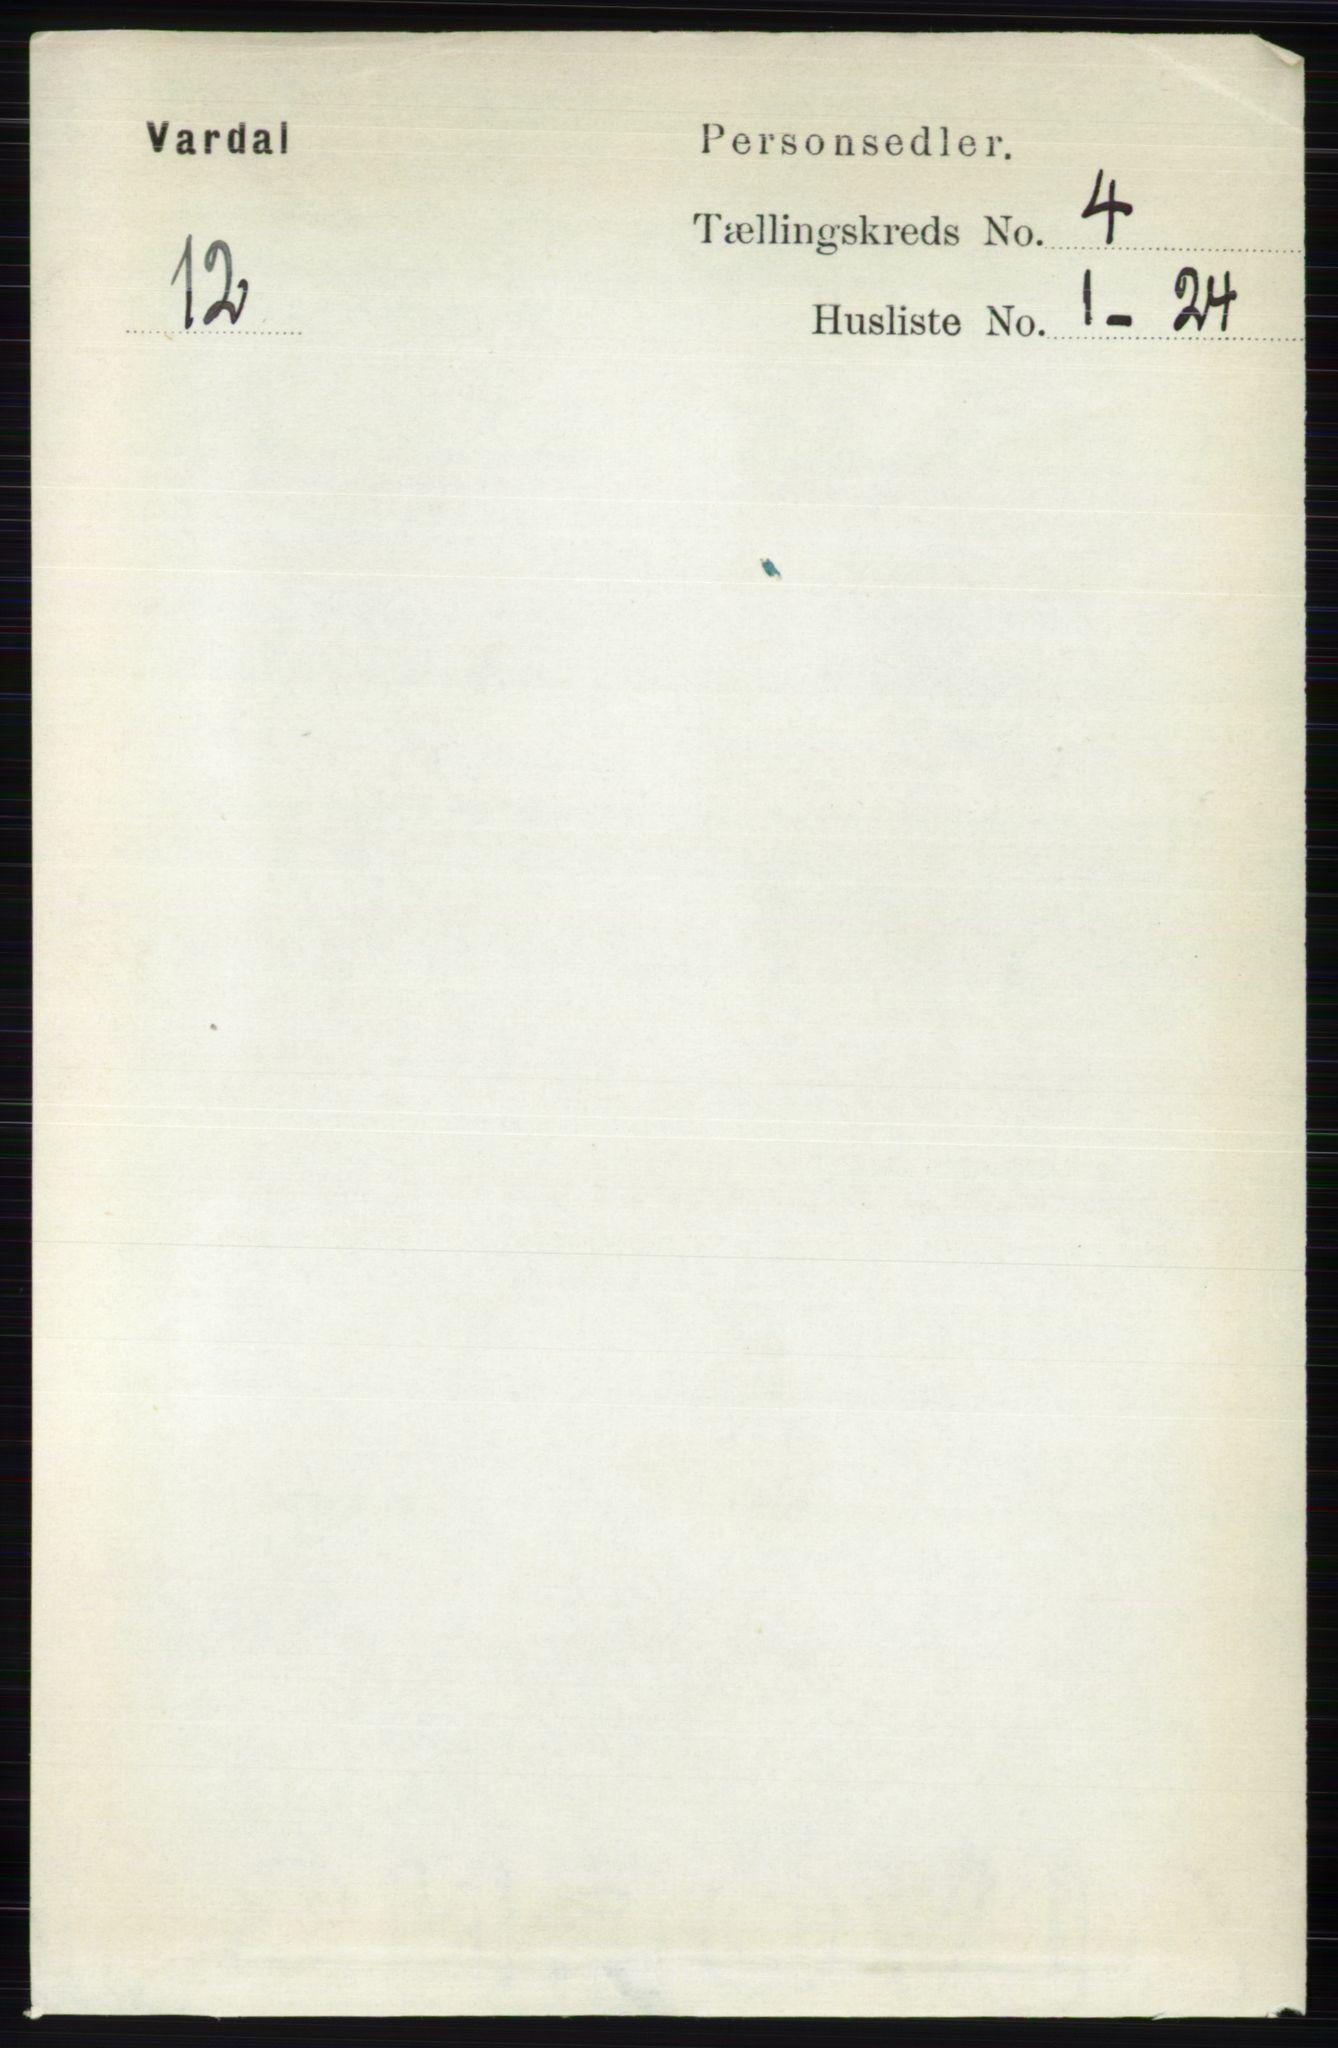 RA, Folketelling 1891 for 0527 Vardal herred, 1891, s. 1594